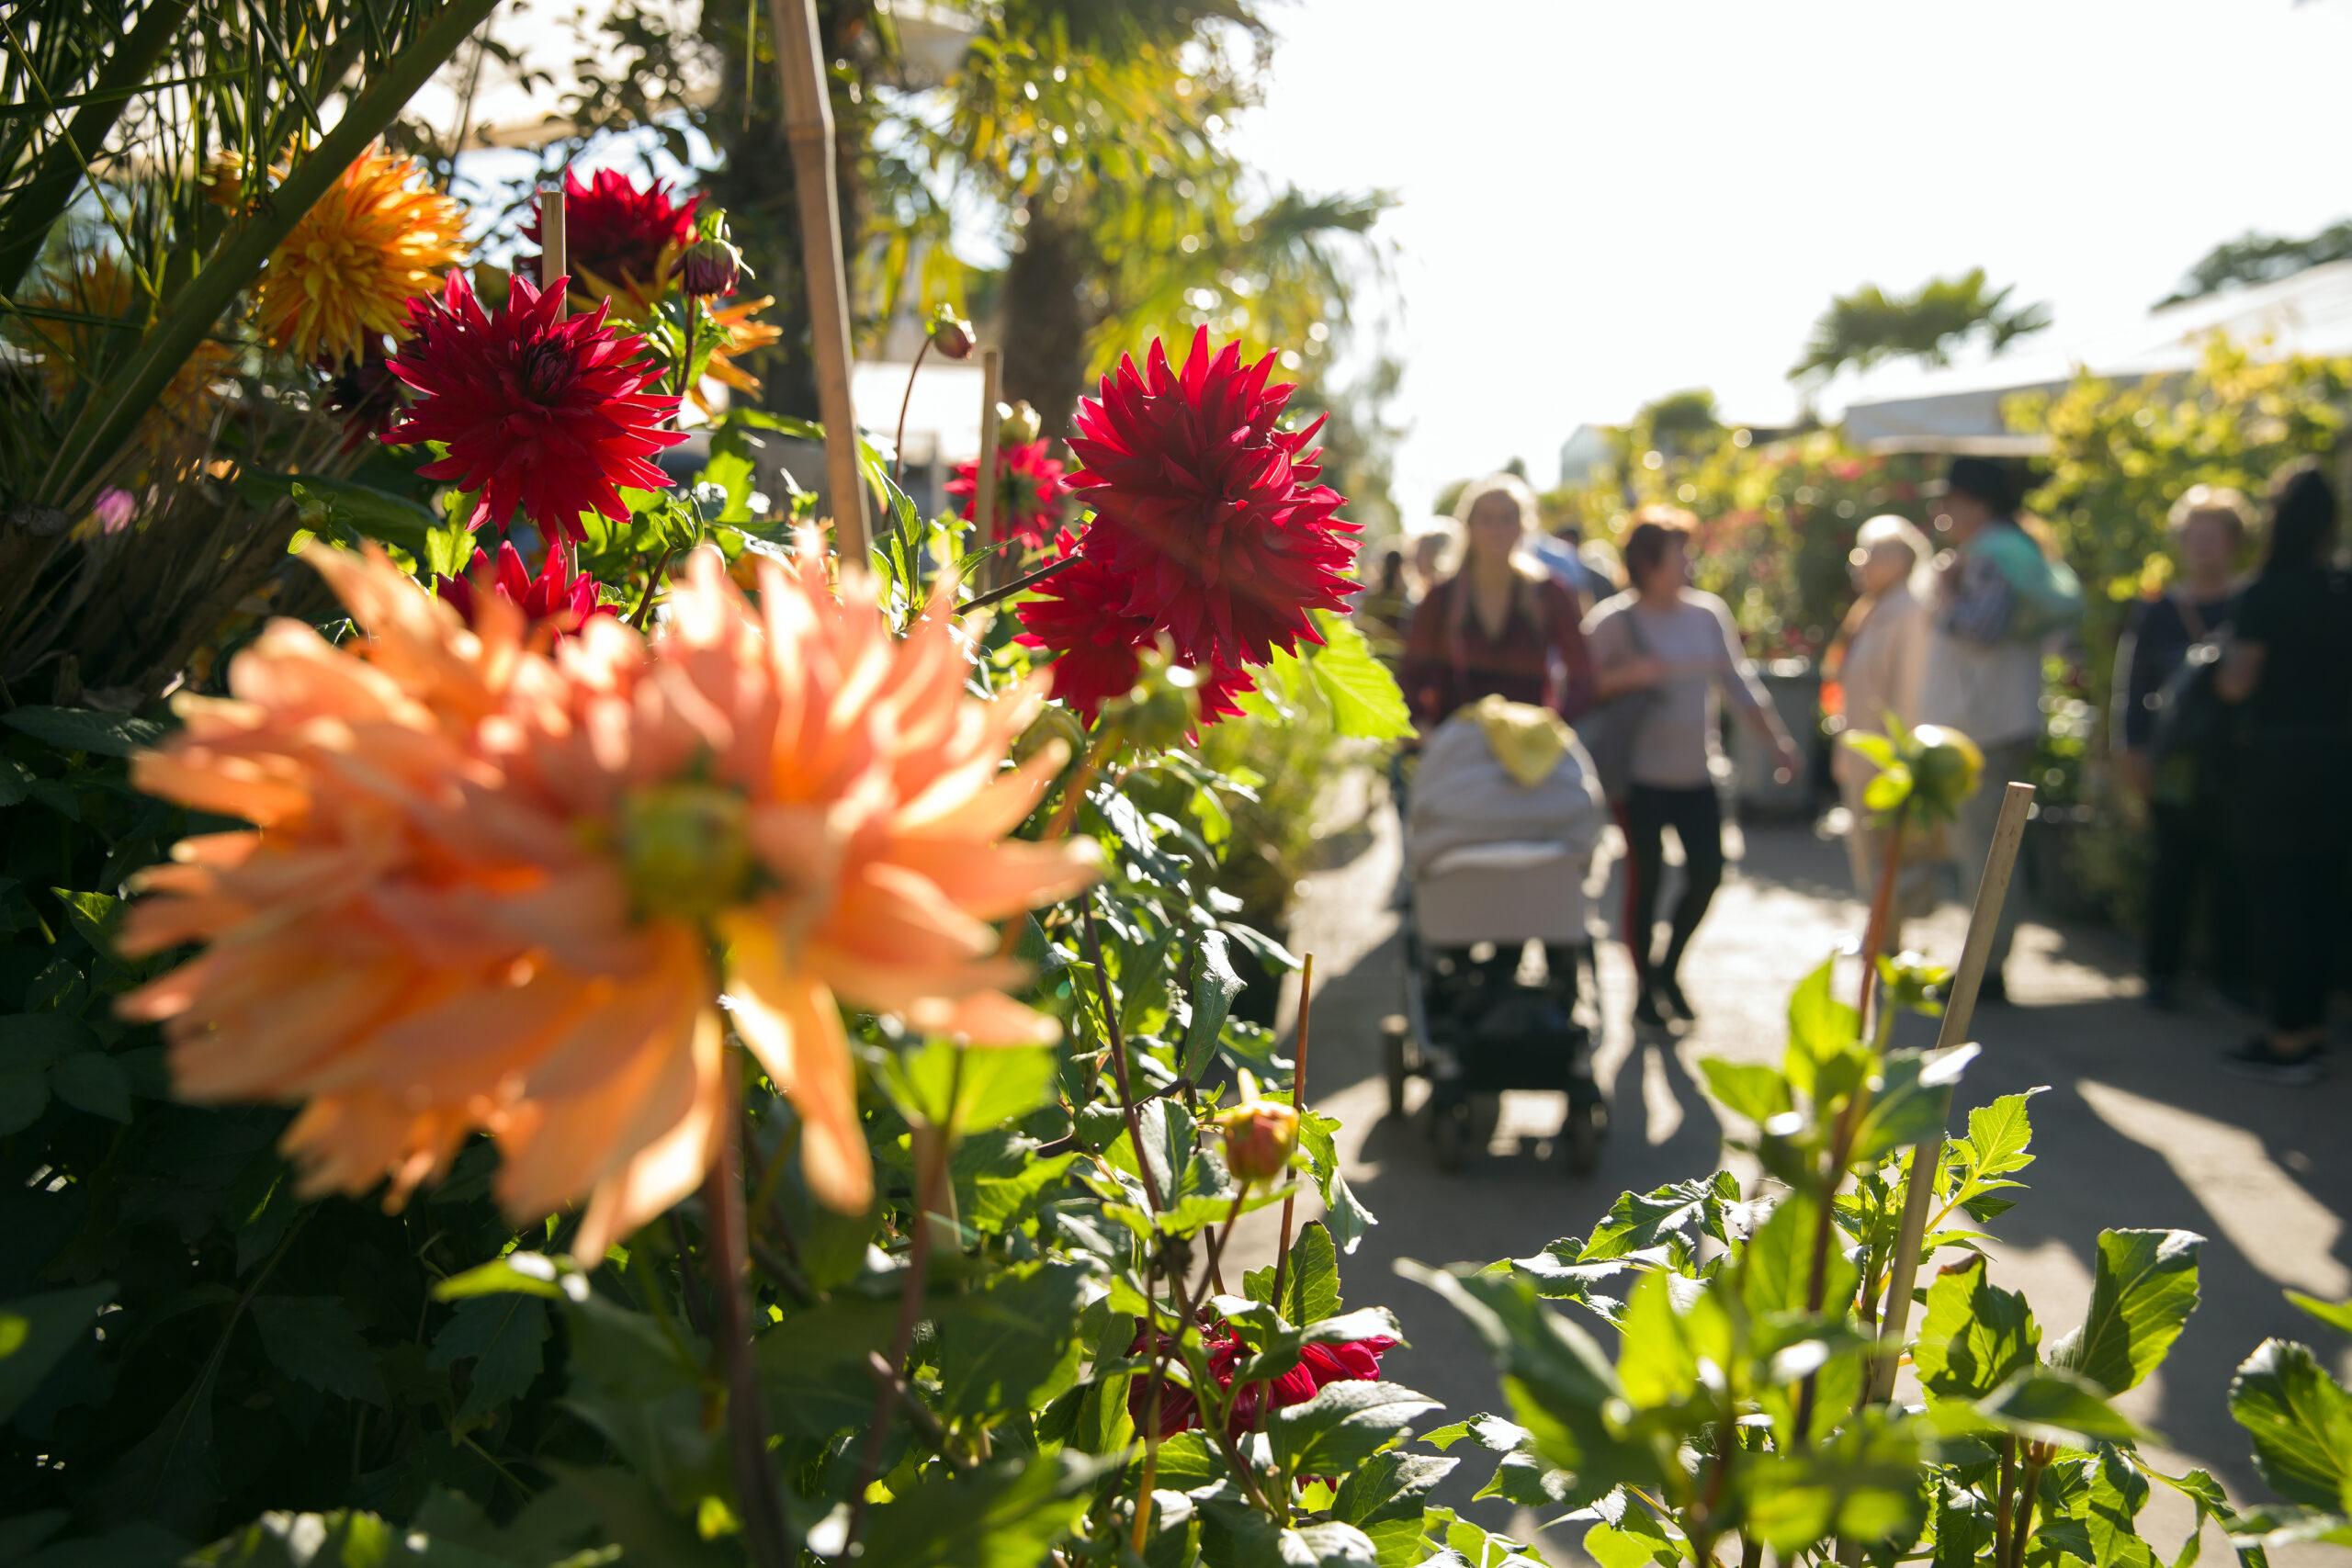 Späth'sche Baumschulen: Sortenschau mit 100 Dahlien beim Jubiläumsmarkt